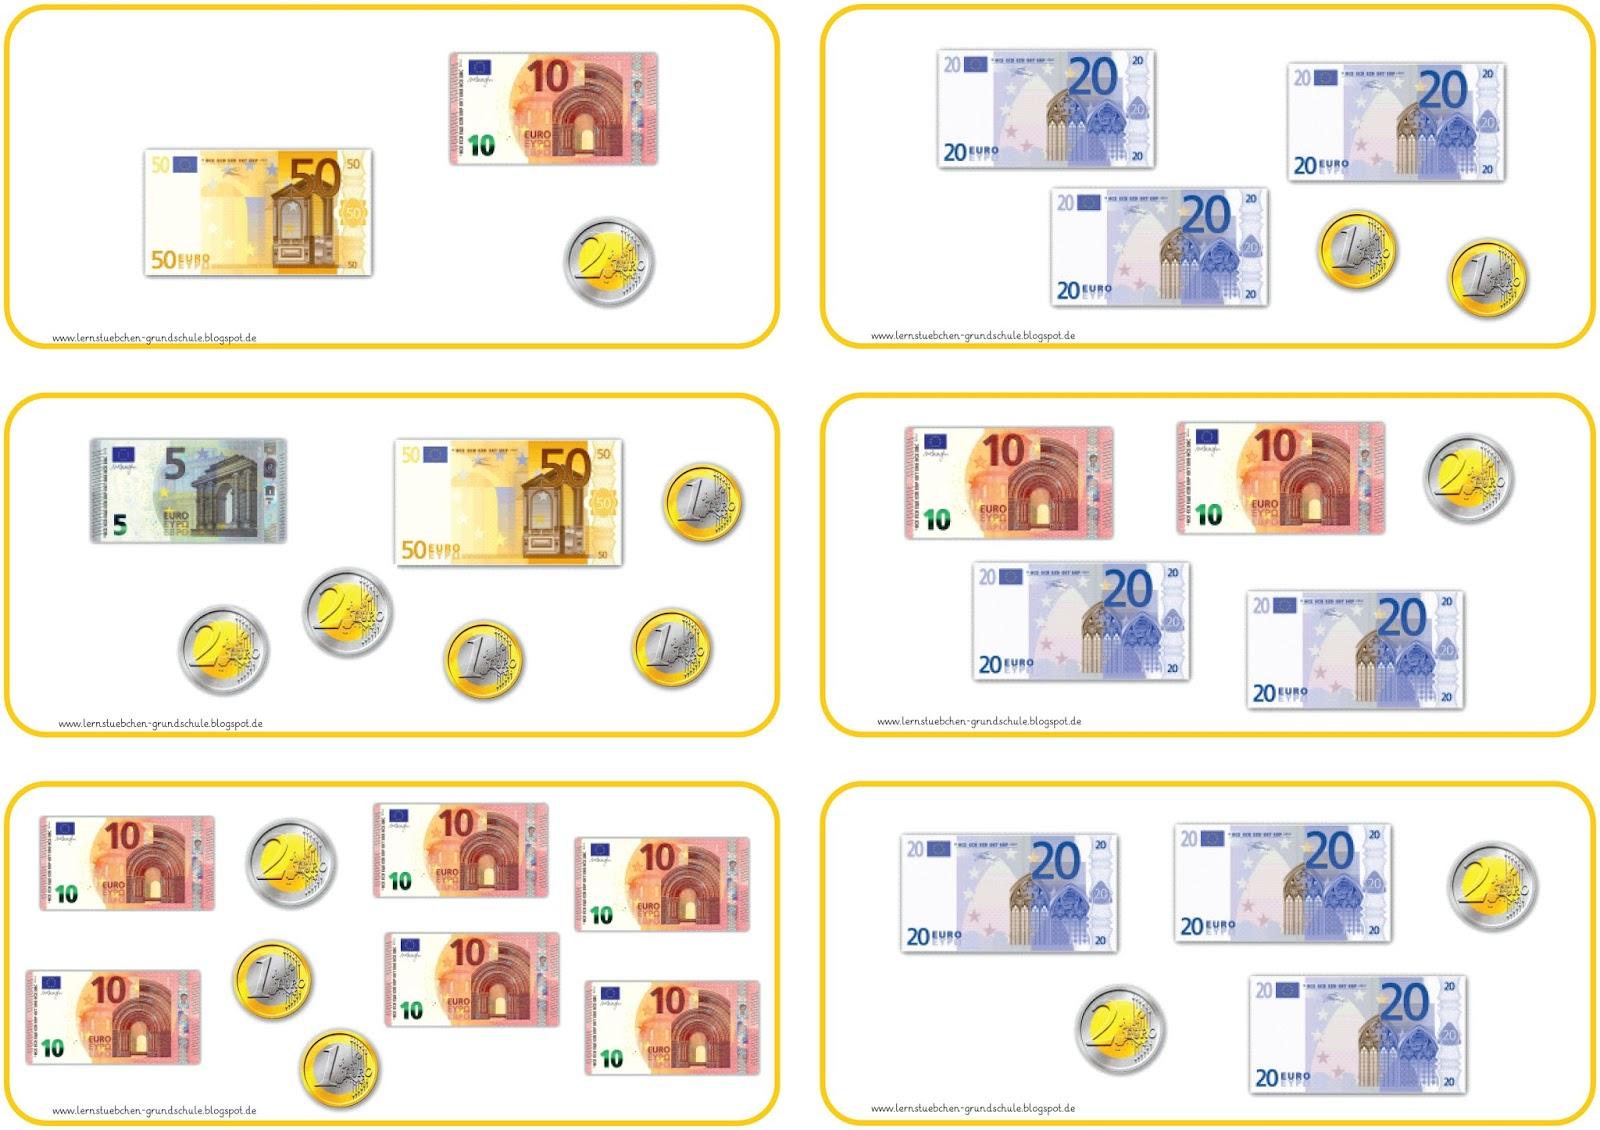 Lernstubchen Geld Zr 100 8 Station